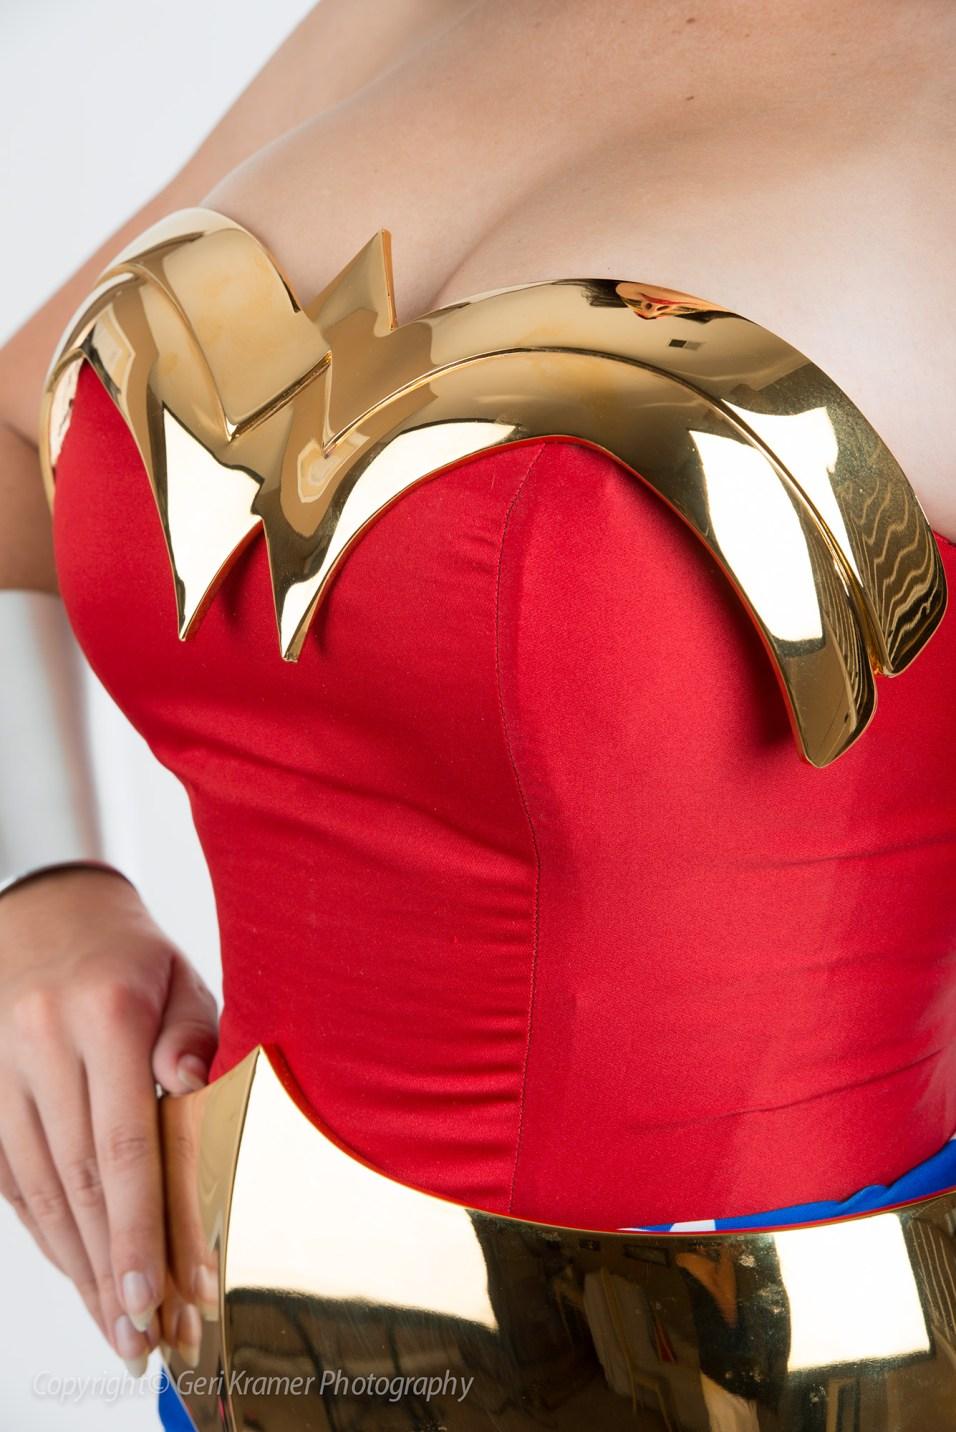 Wonder_Woman-Geri_Kramer (6)